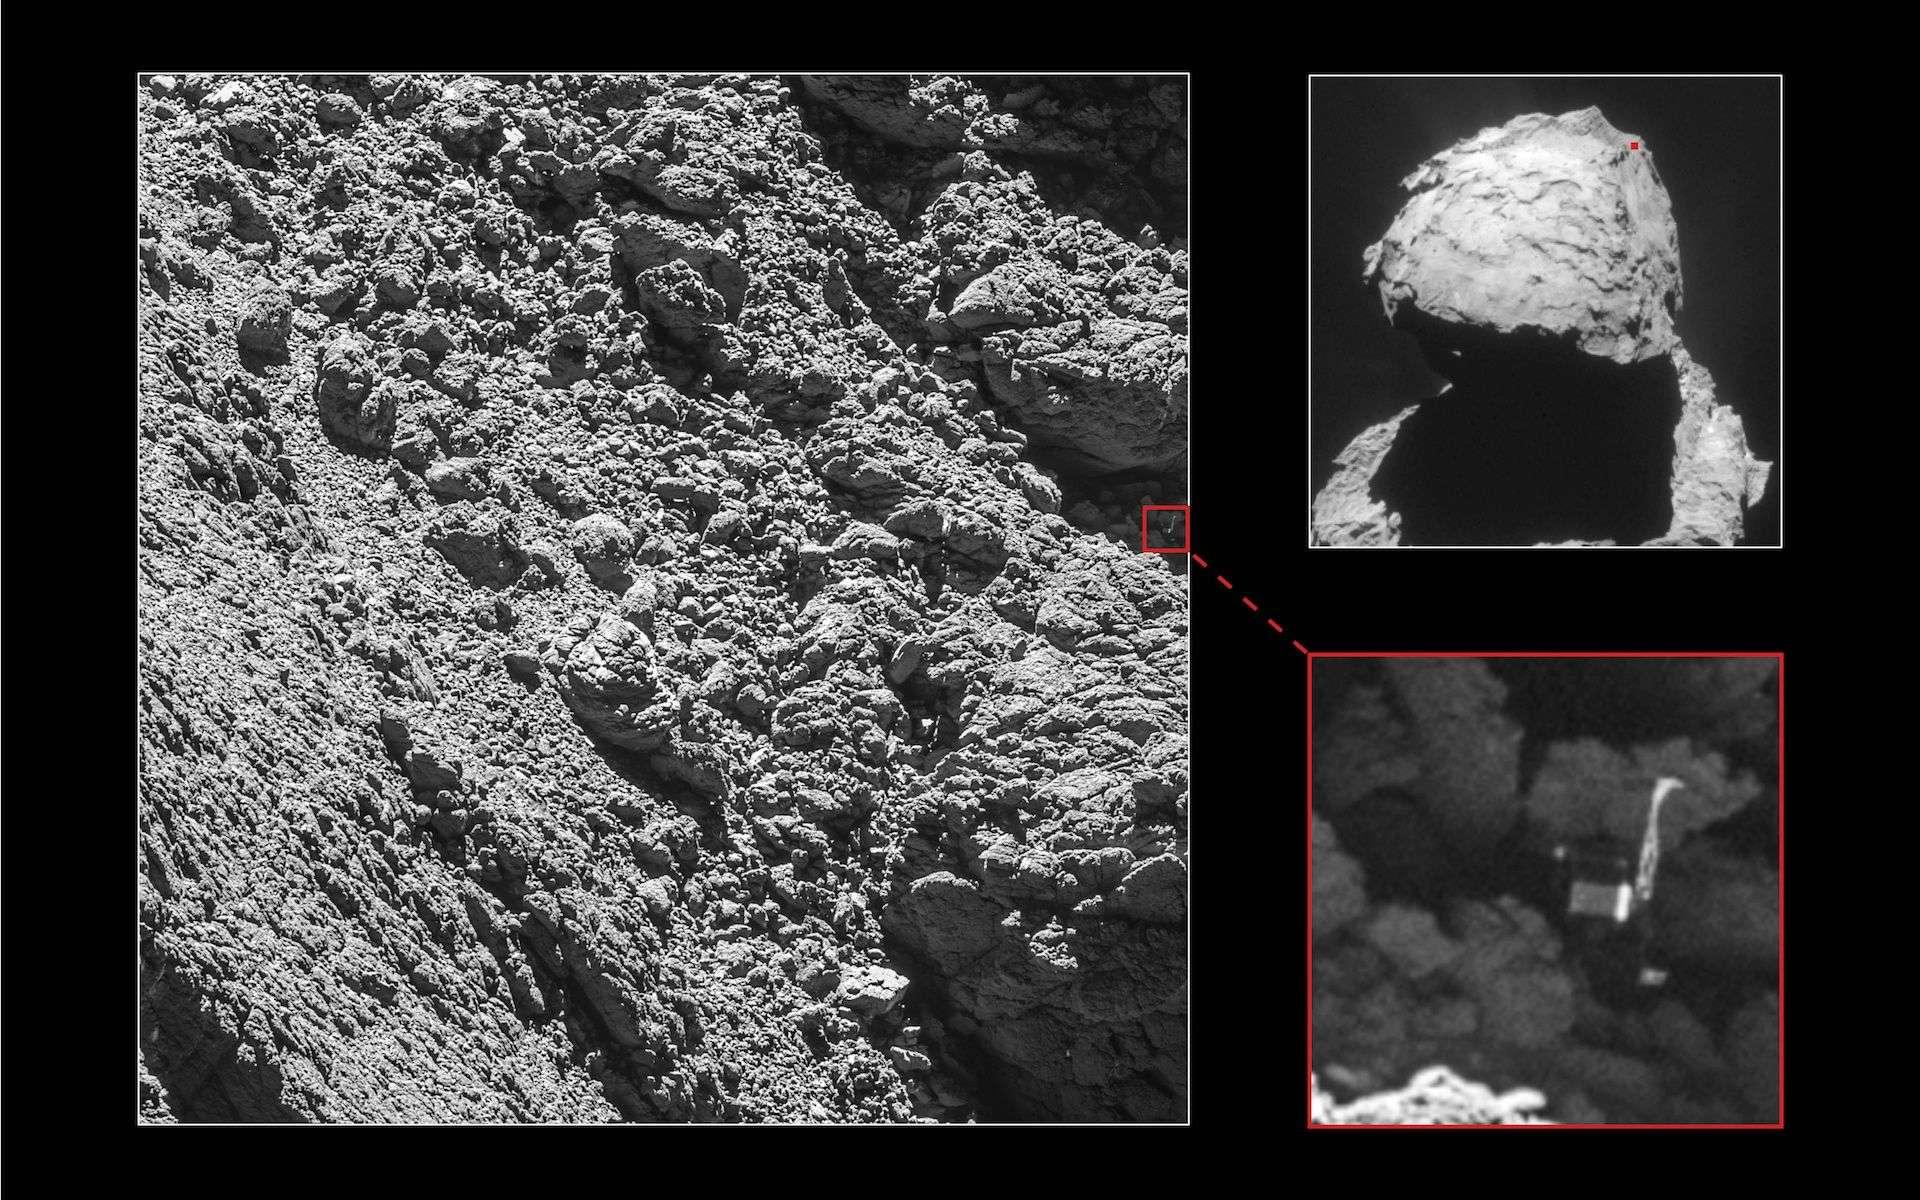 Le robot Philae, large d'un mètre, a été retrouvé sur le noyau de la comète Tchouri à l'endroit supposé par le Cnes. Cette image a été prise par Rosetta le 2 septembre 2016, à 2,7 km de distance. © ESA, Rosetta, MPS for OSIRIS Team MPS, UPD, LAM, IAA, SSO, INTA, UPM, DASP, IDA, NavCam – CC BY-SA IGO 3.0